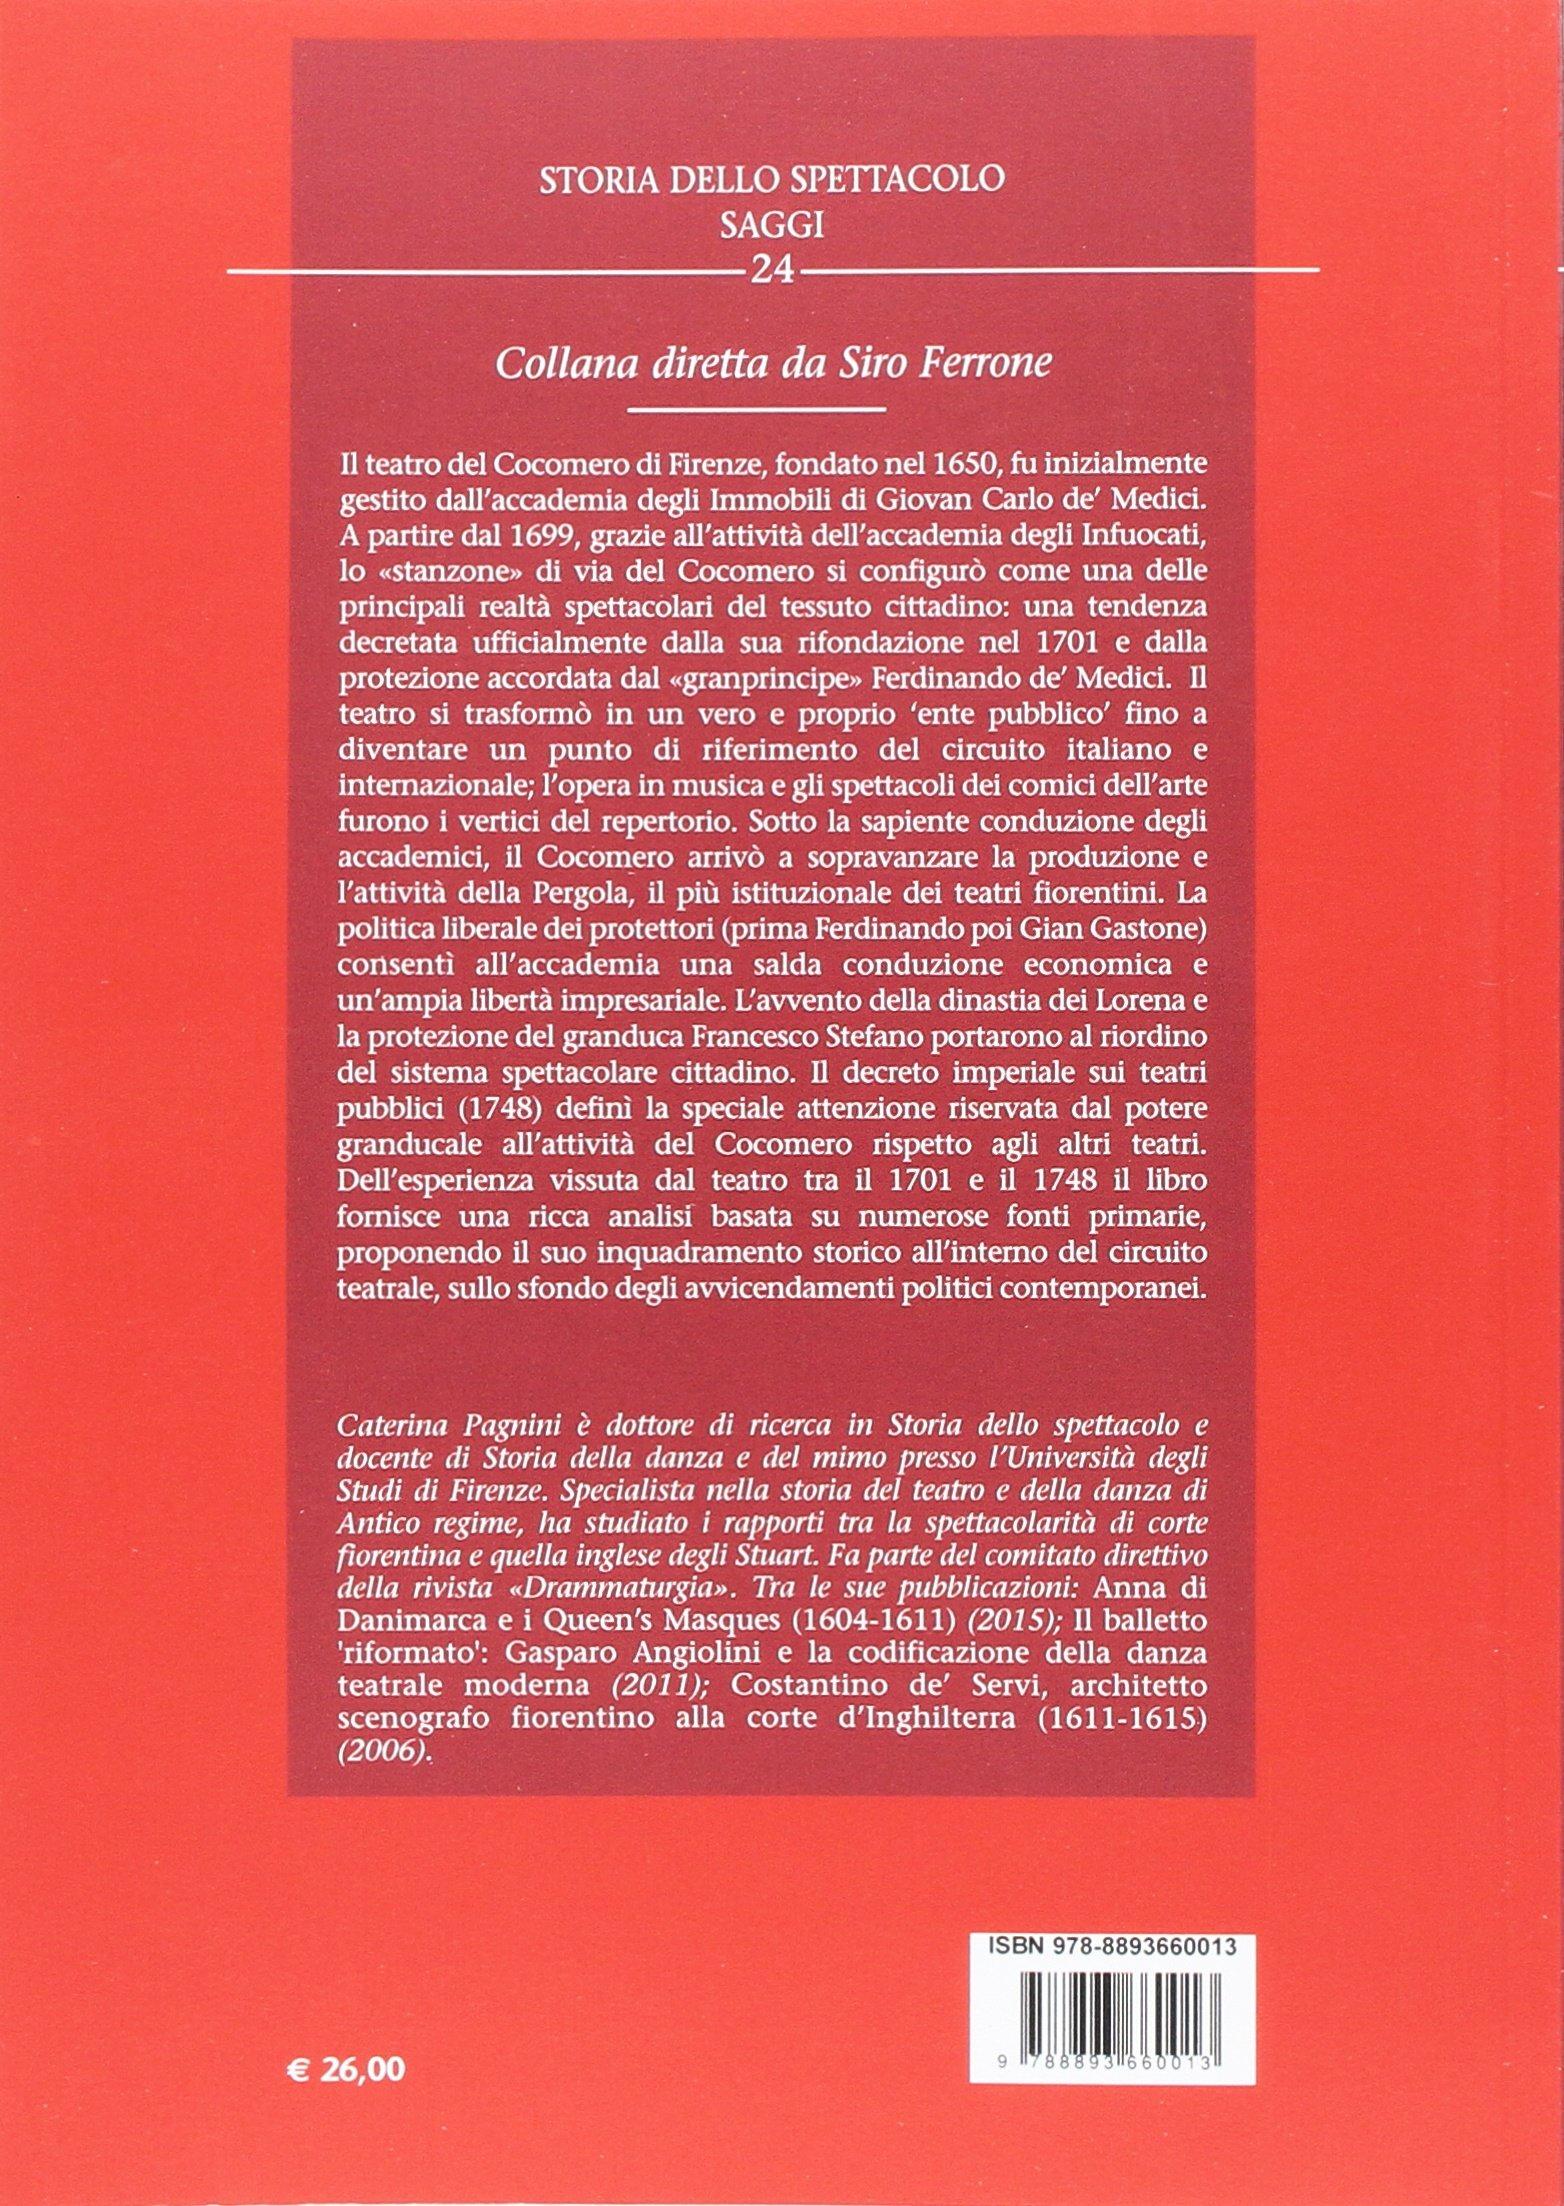 Il teatro del Cocomero a Firenze 1701-1748 Storia dello spettacolo. Saggi: Amazon.es: Pagnini, Caterina: Libros en idiomas extranjeros